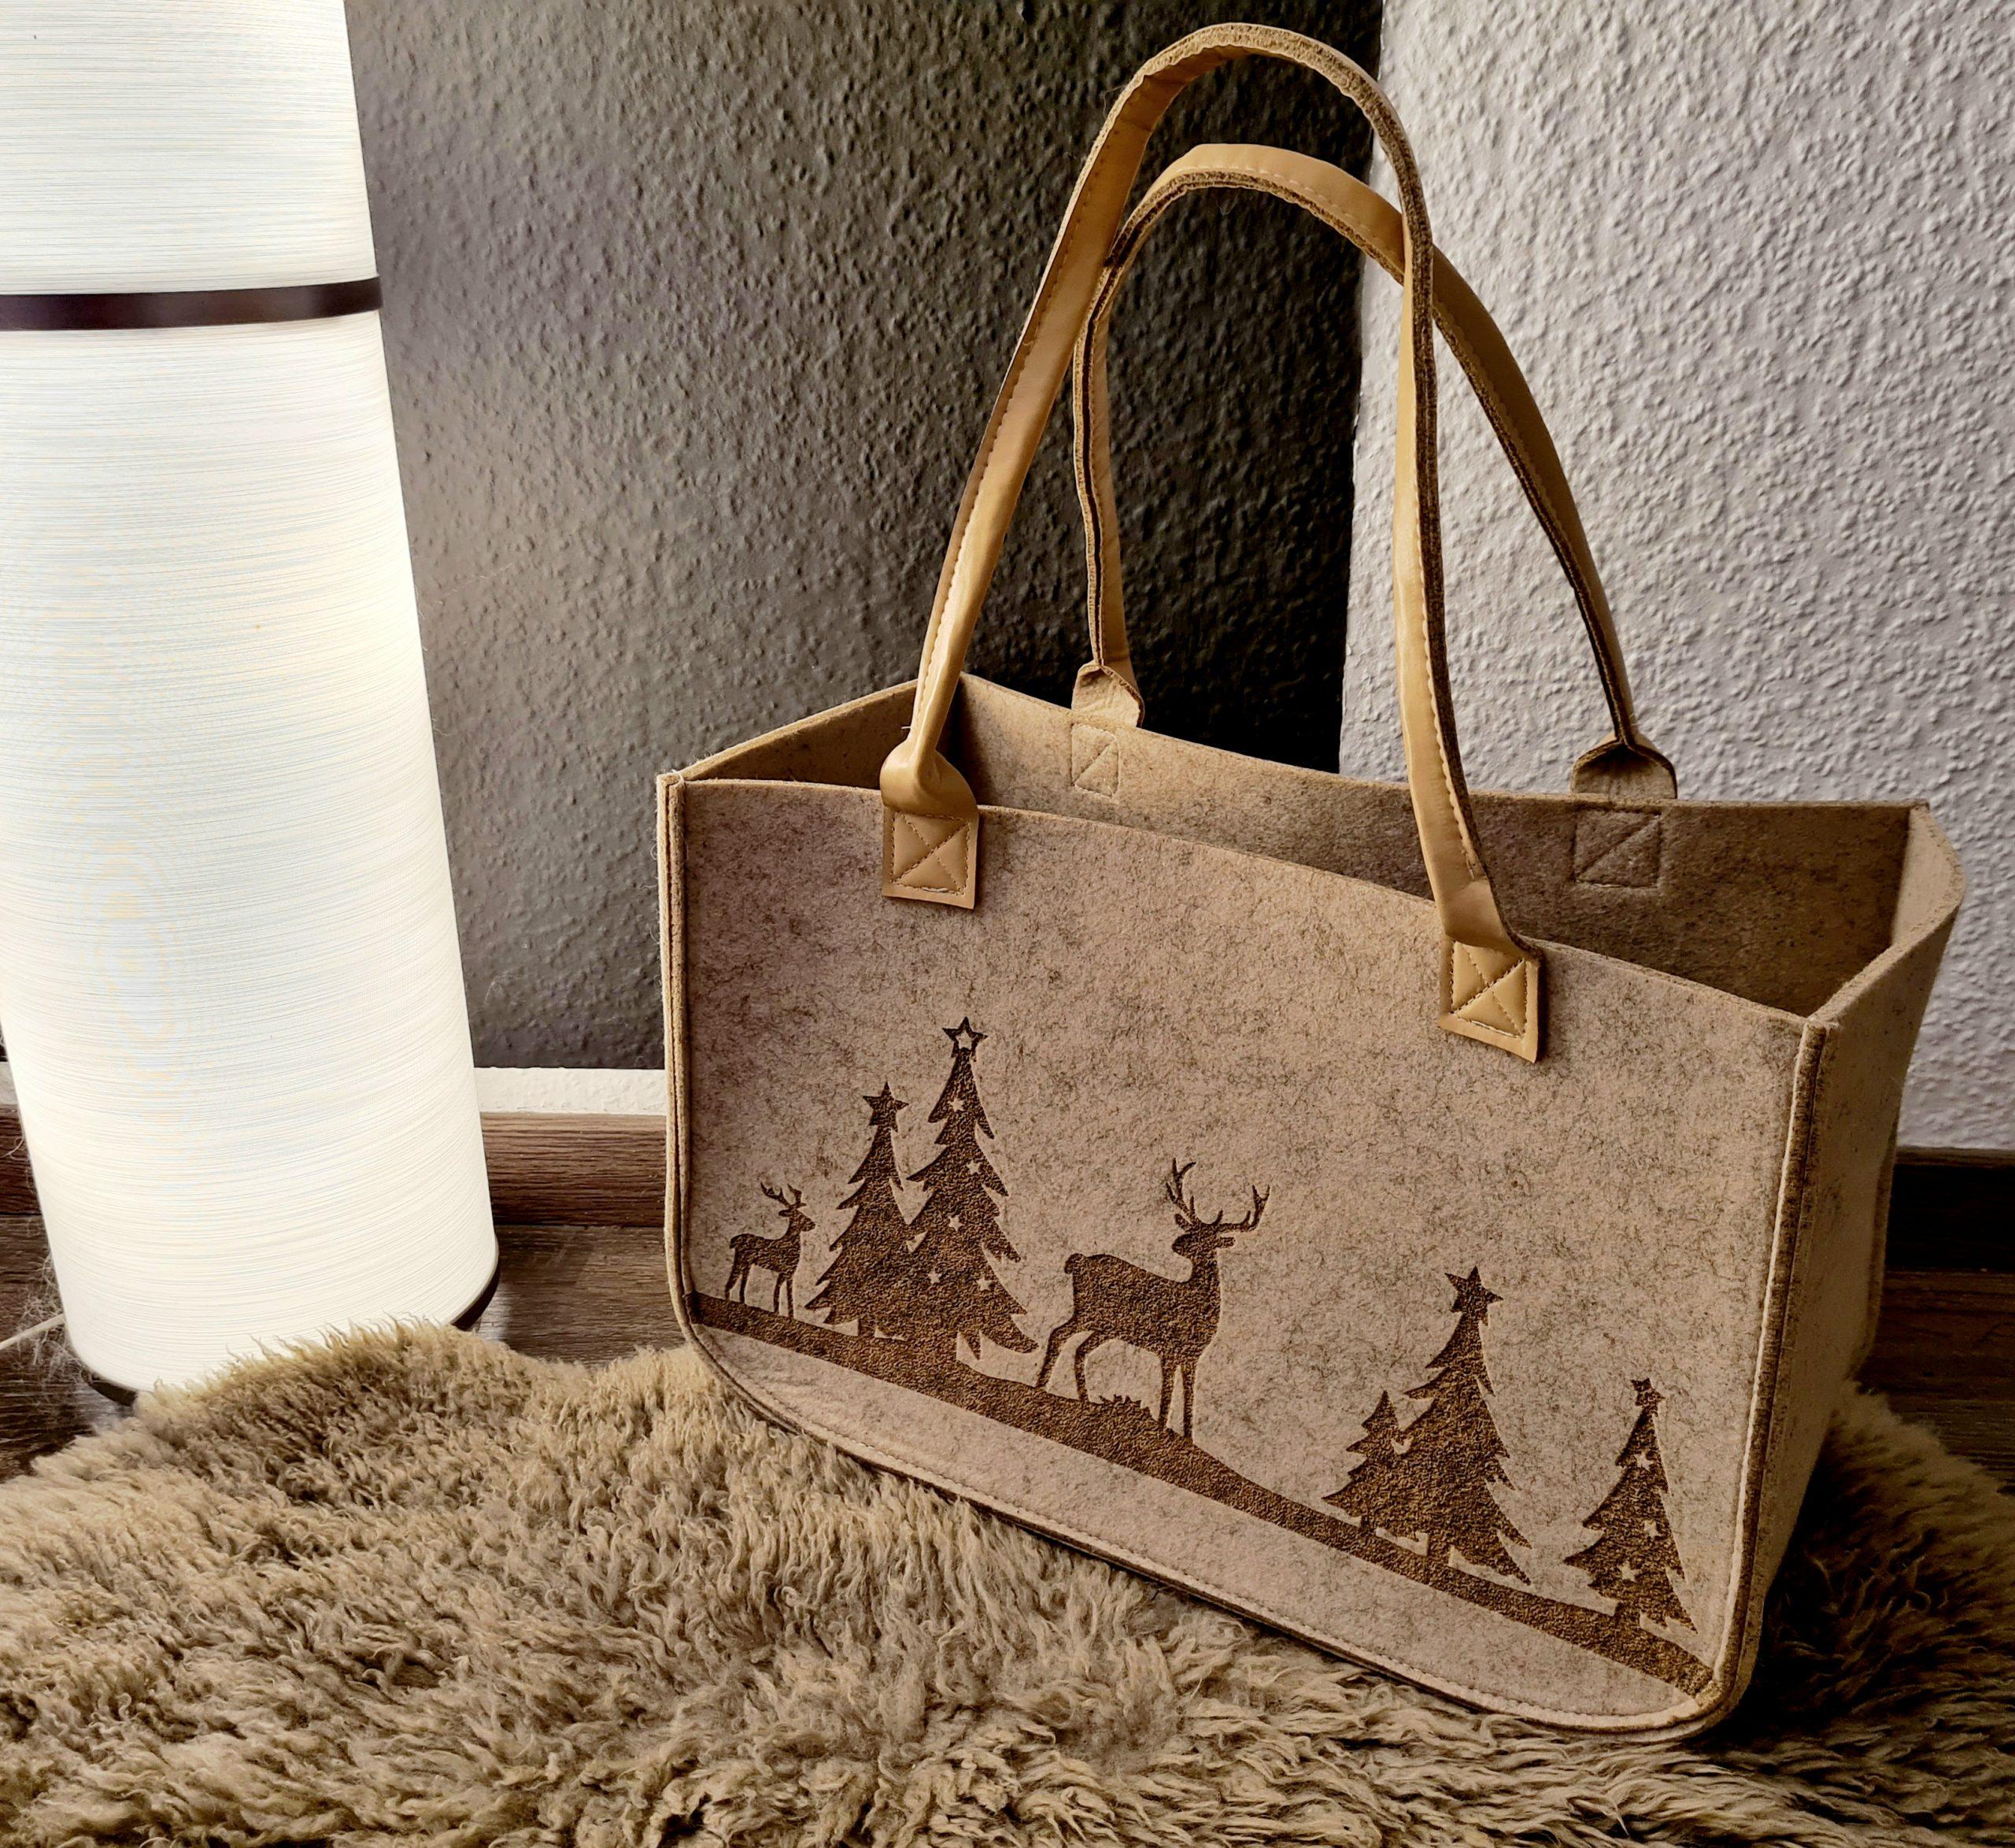 Cremefarbene Filzhandtasche mit braunem Hirsch und Baum Aufdruck und Lederhenkel - Handgemachte individualisierbare Taschen, Körbe, Tischsets, Dekoartikel und mehr auf fideko.de der Onlineshop seit 2011